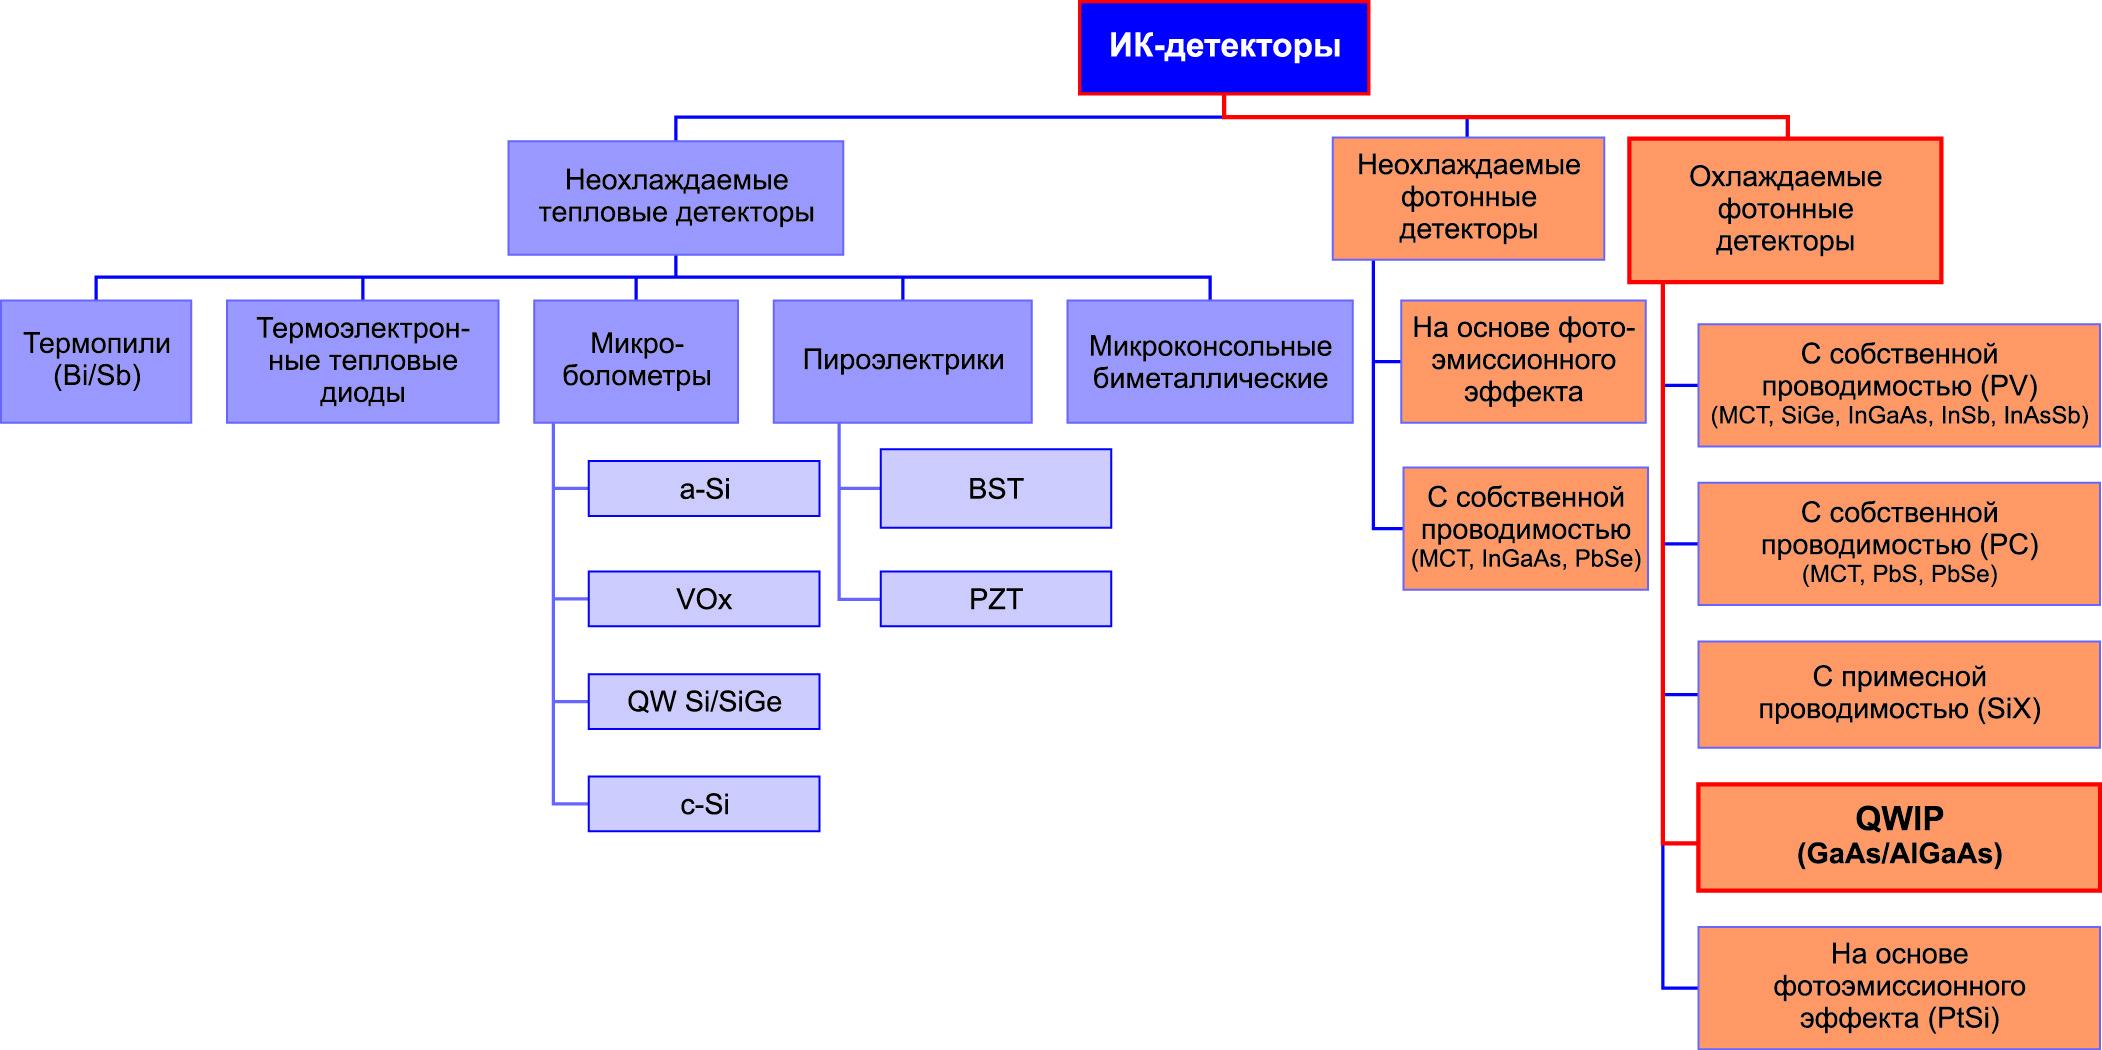 Классификация инфракрасных детекторов